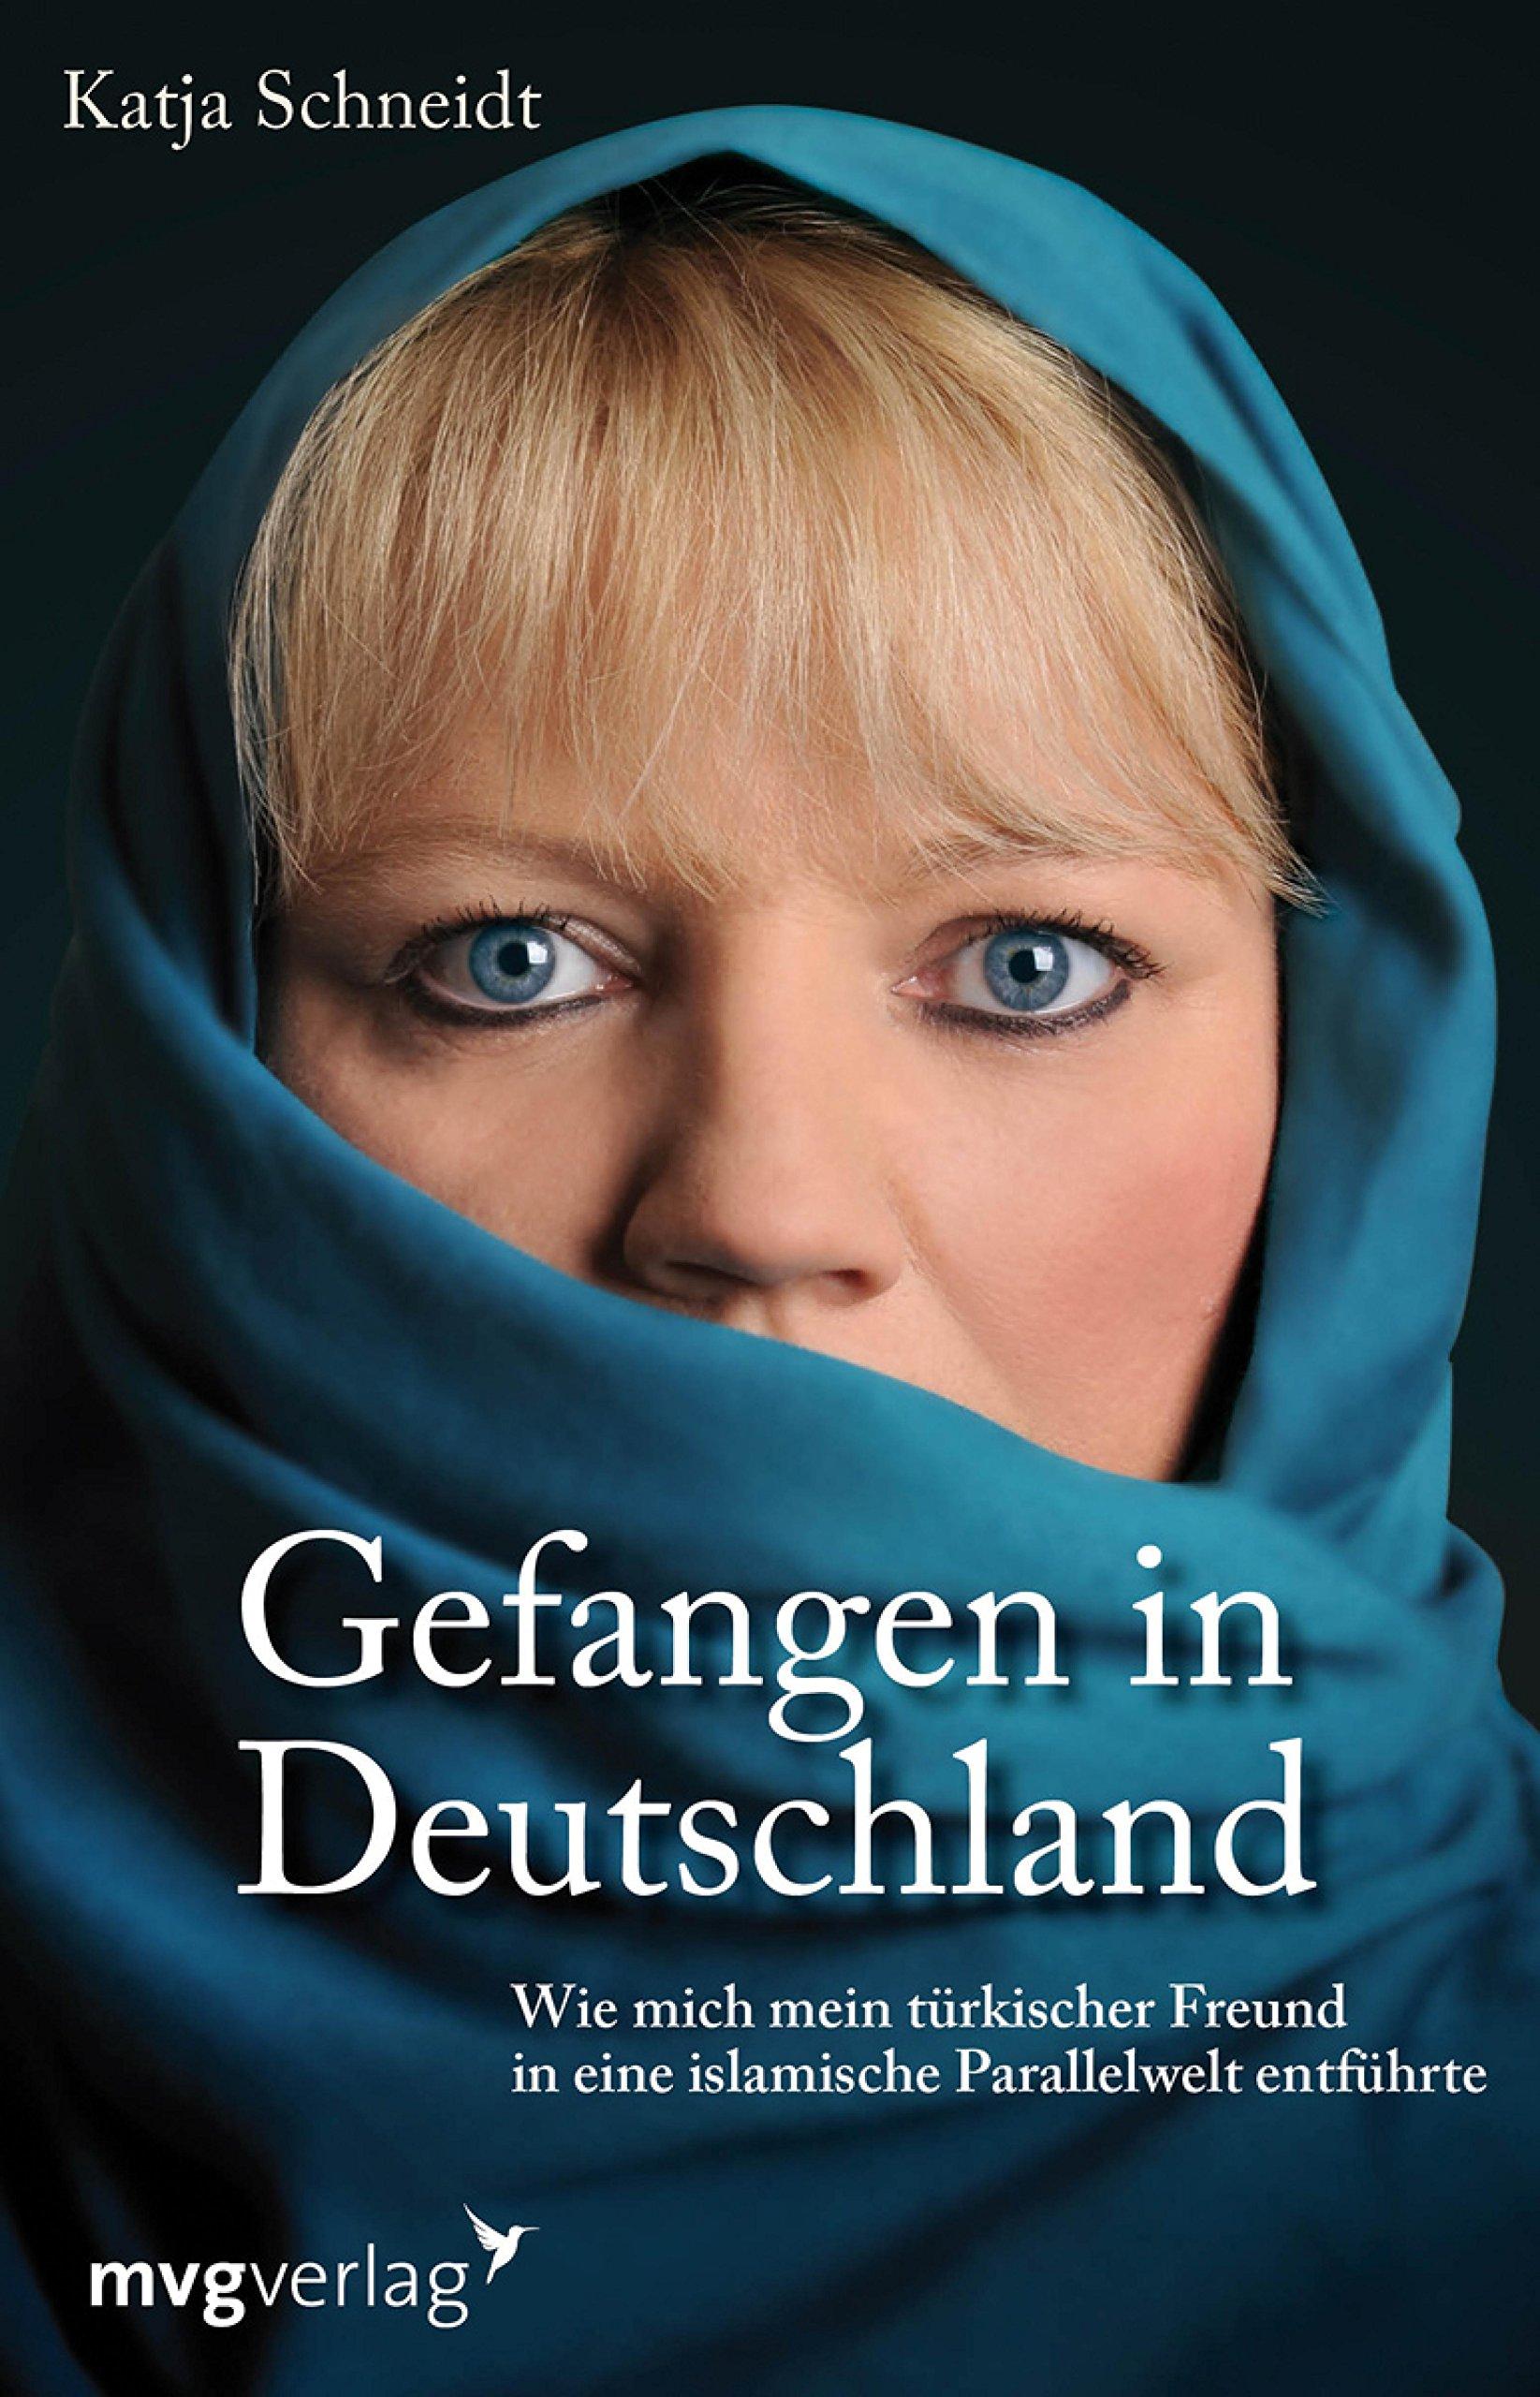 Gefangen In Deutschland  Wie Mich Mein Türkischer Freund In Eine Islamische Parallelwelt Entführte